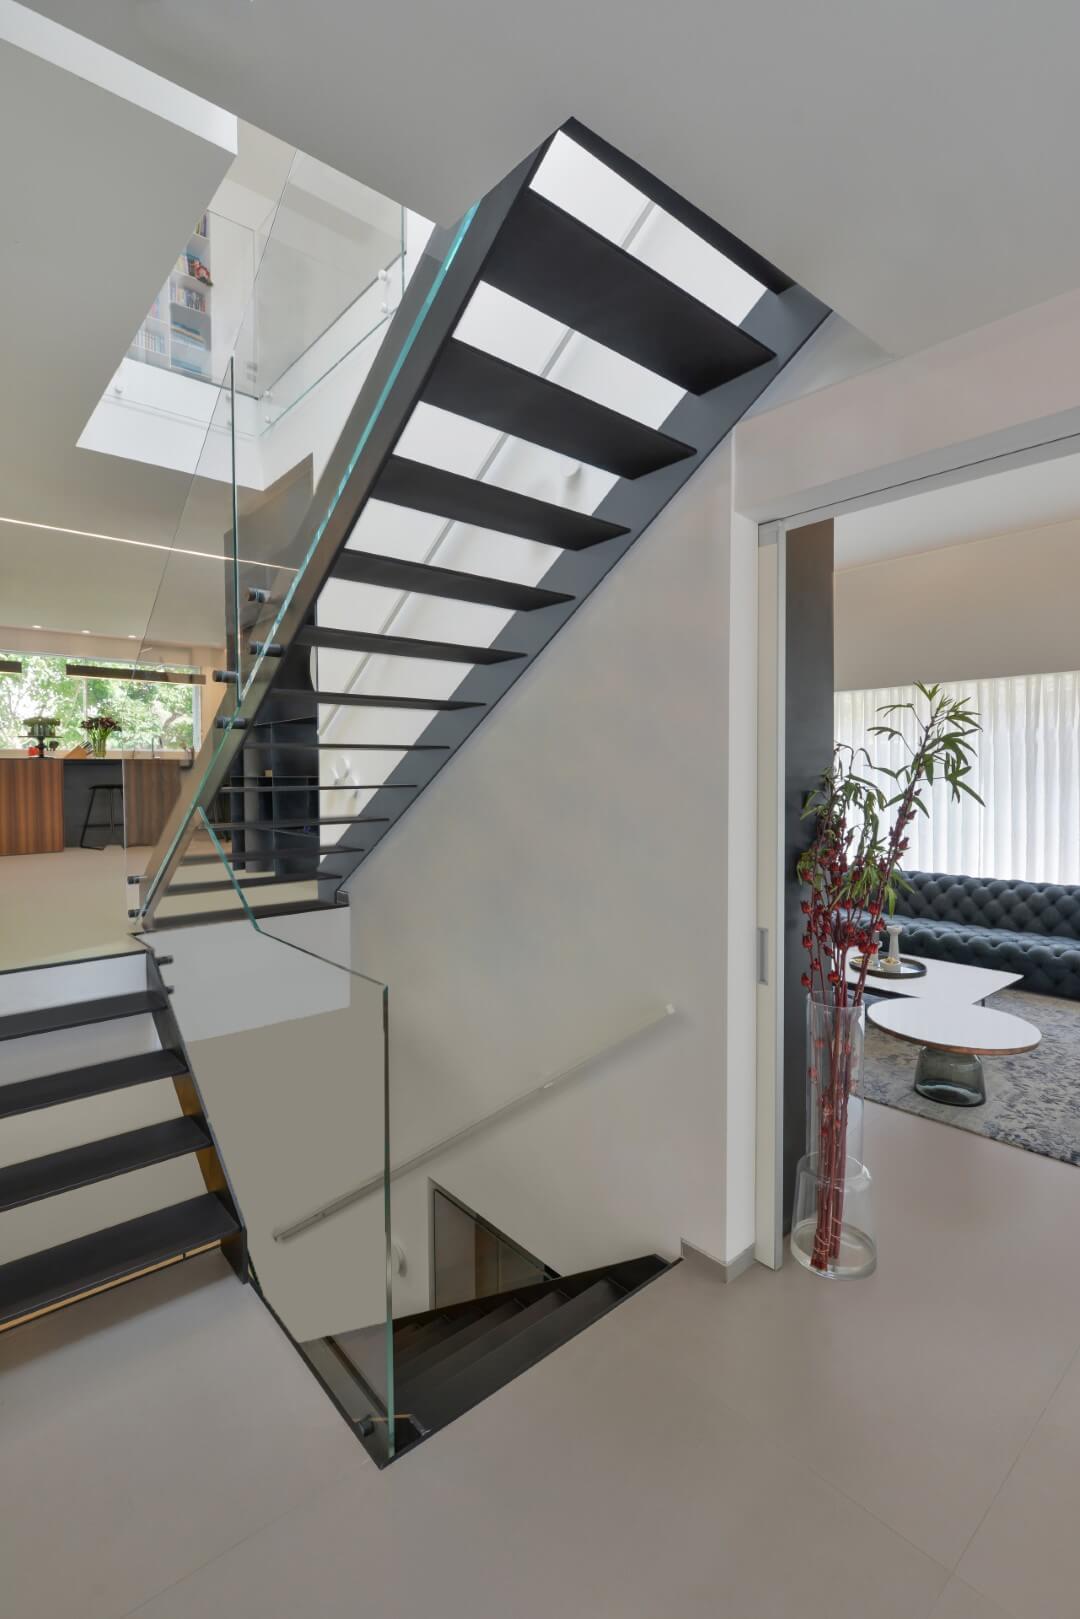 שלושה גרמי מדרגות ברזל שחור עם מעקה זכוכית